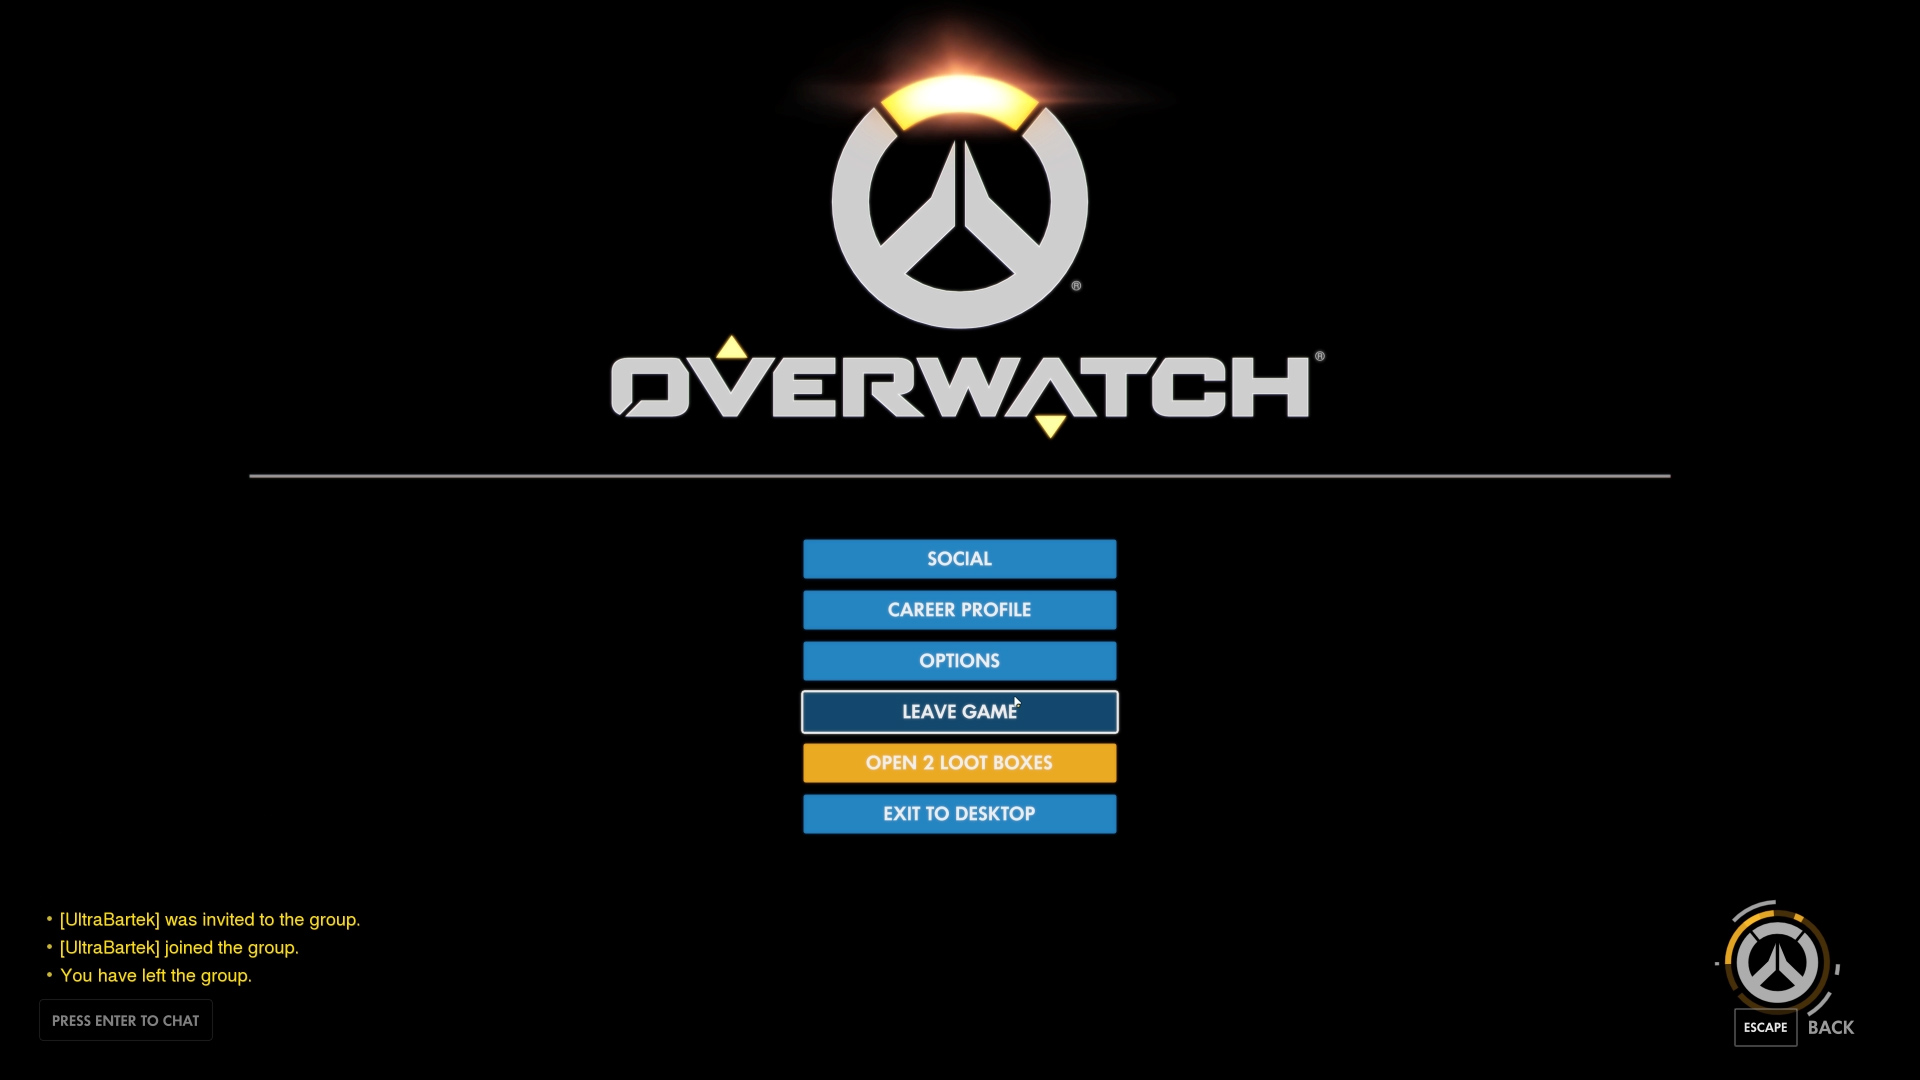 Overwatch 2018.12.13 - 16.32.13.01.00_29_26_26.Still027.jpg